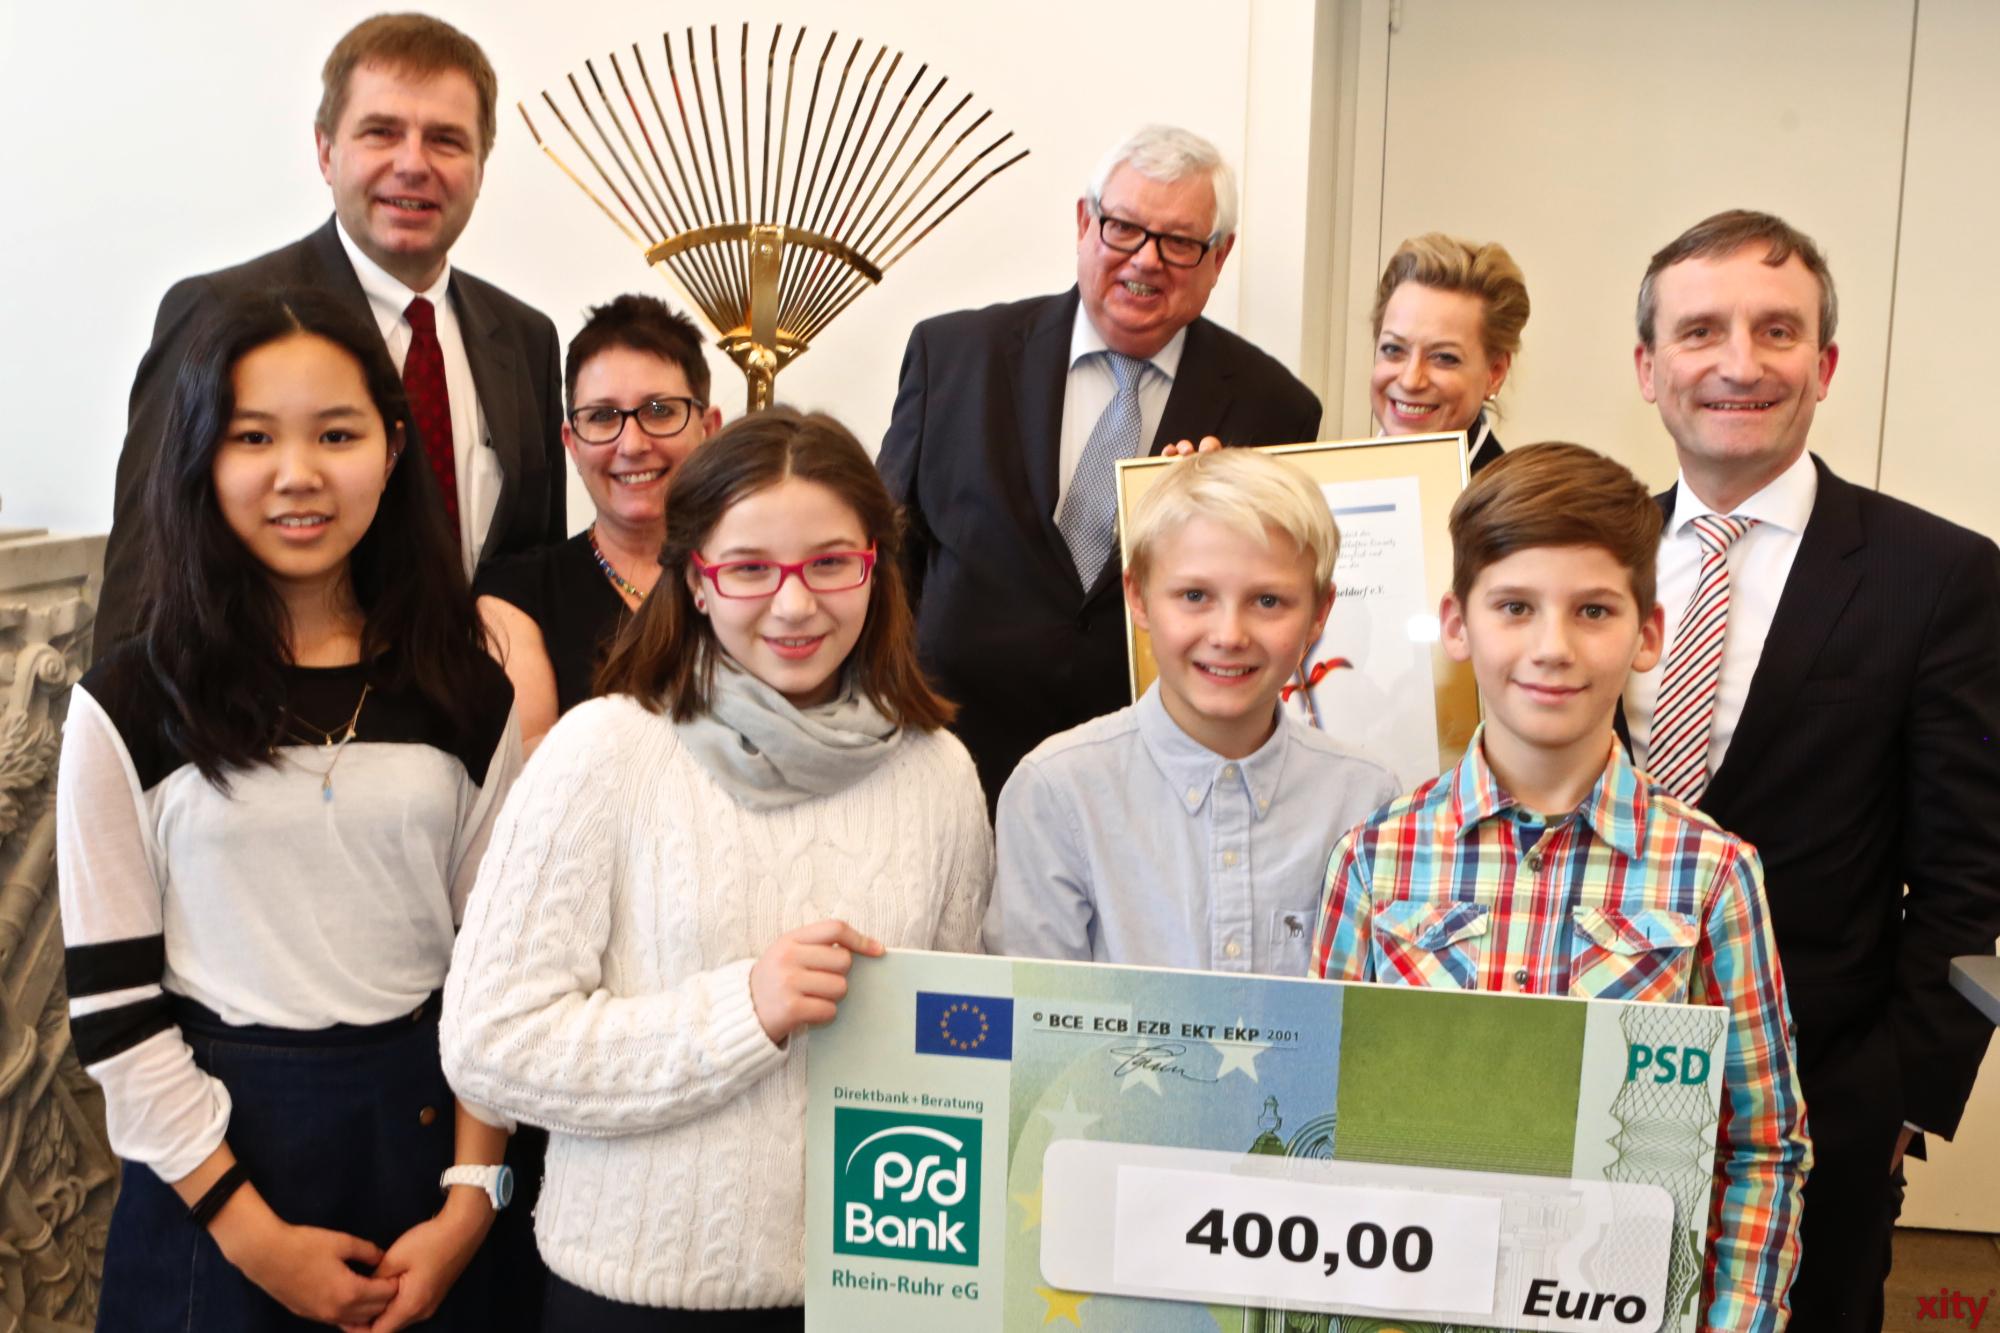 Der Geldpreis kam von der PSD Bank (Foto: xity)